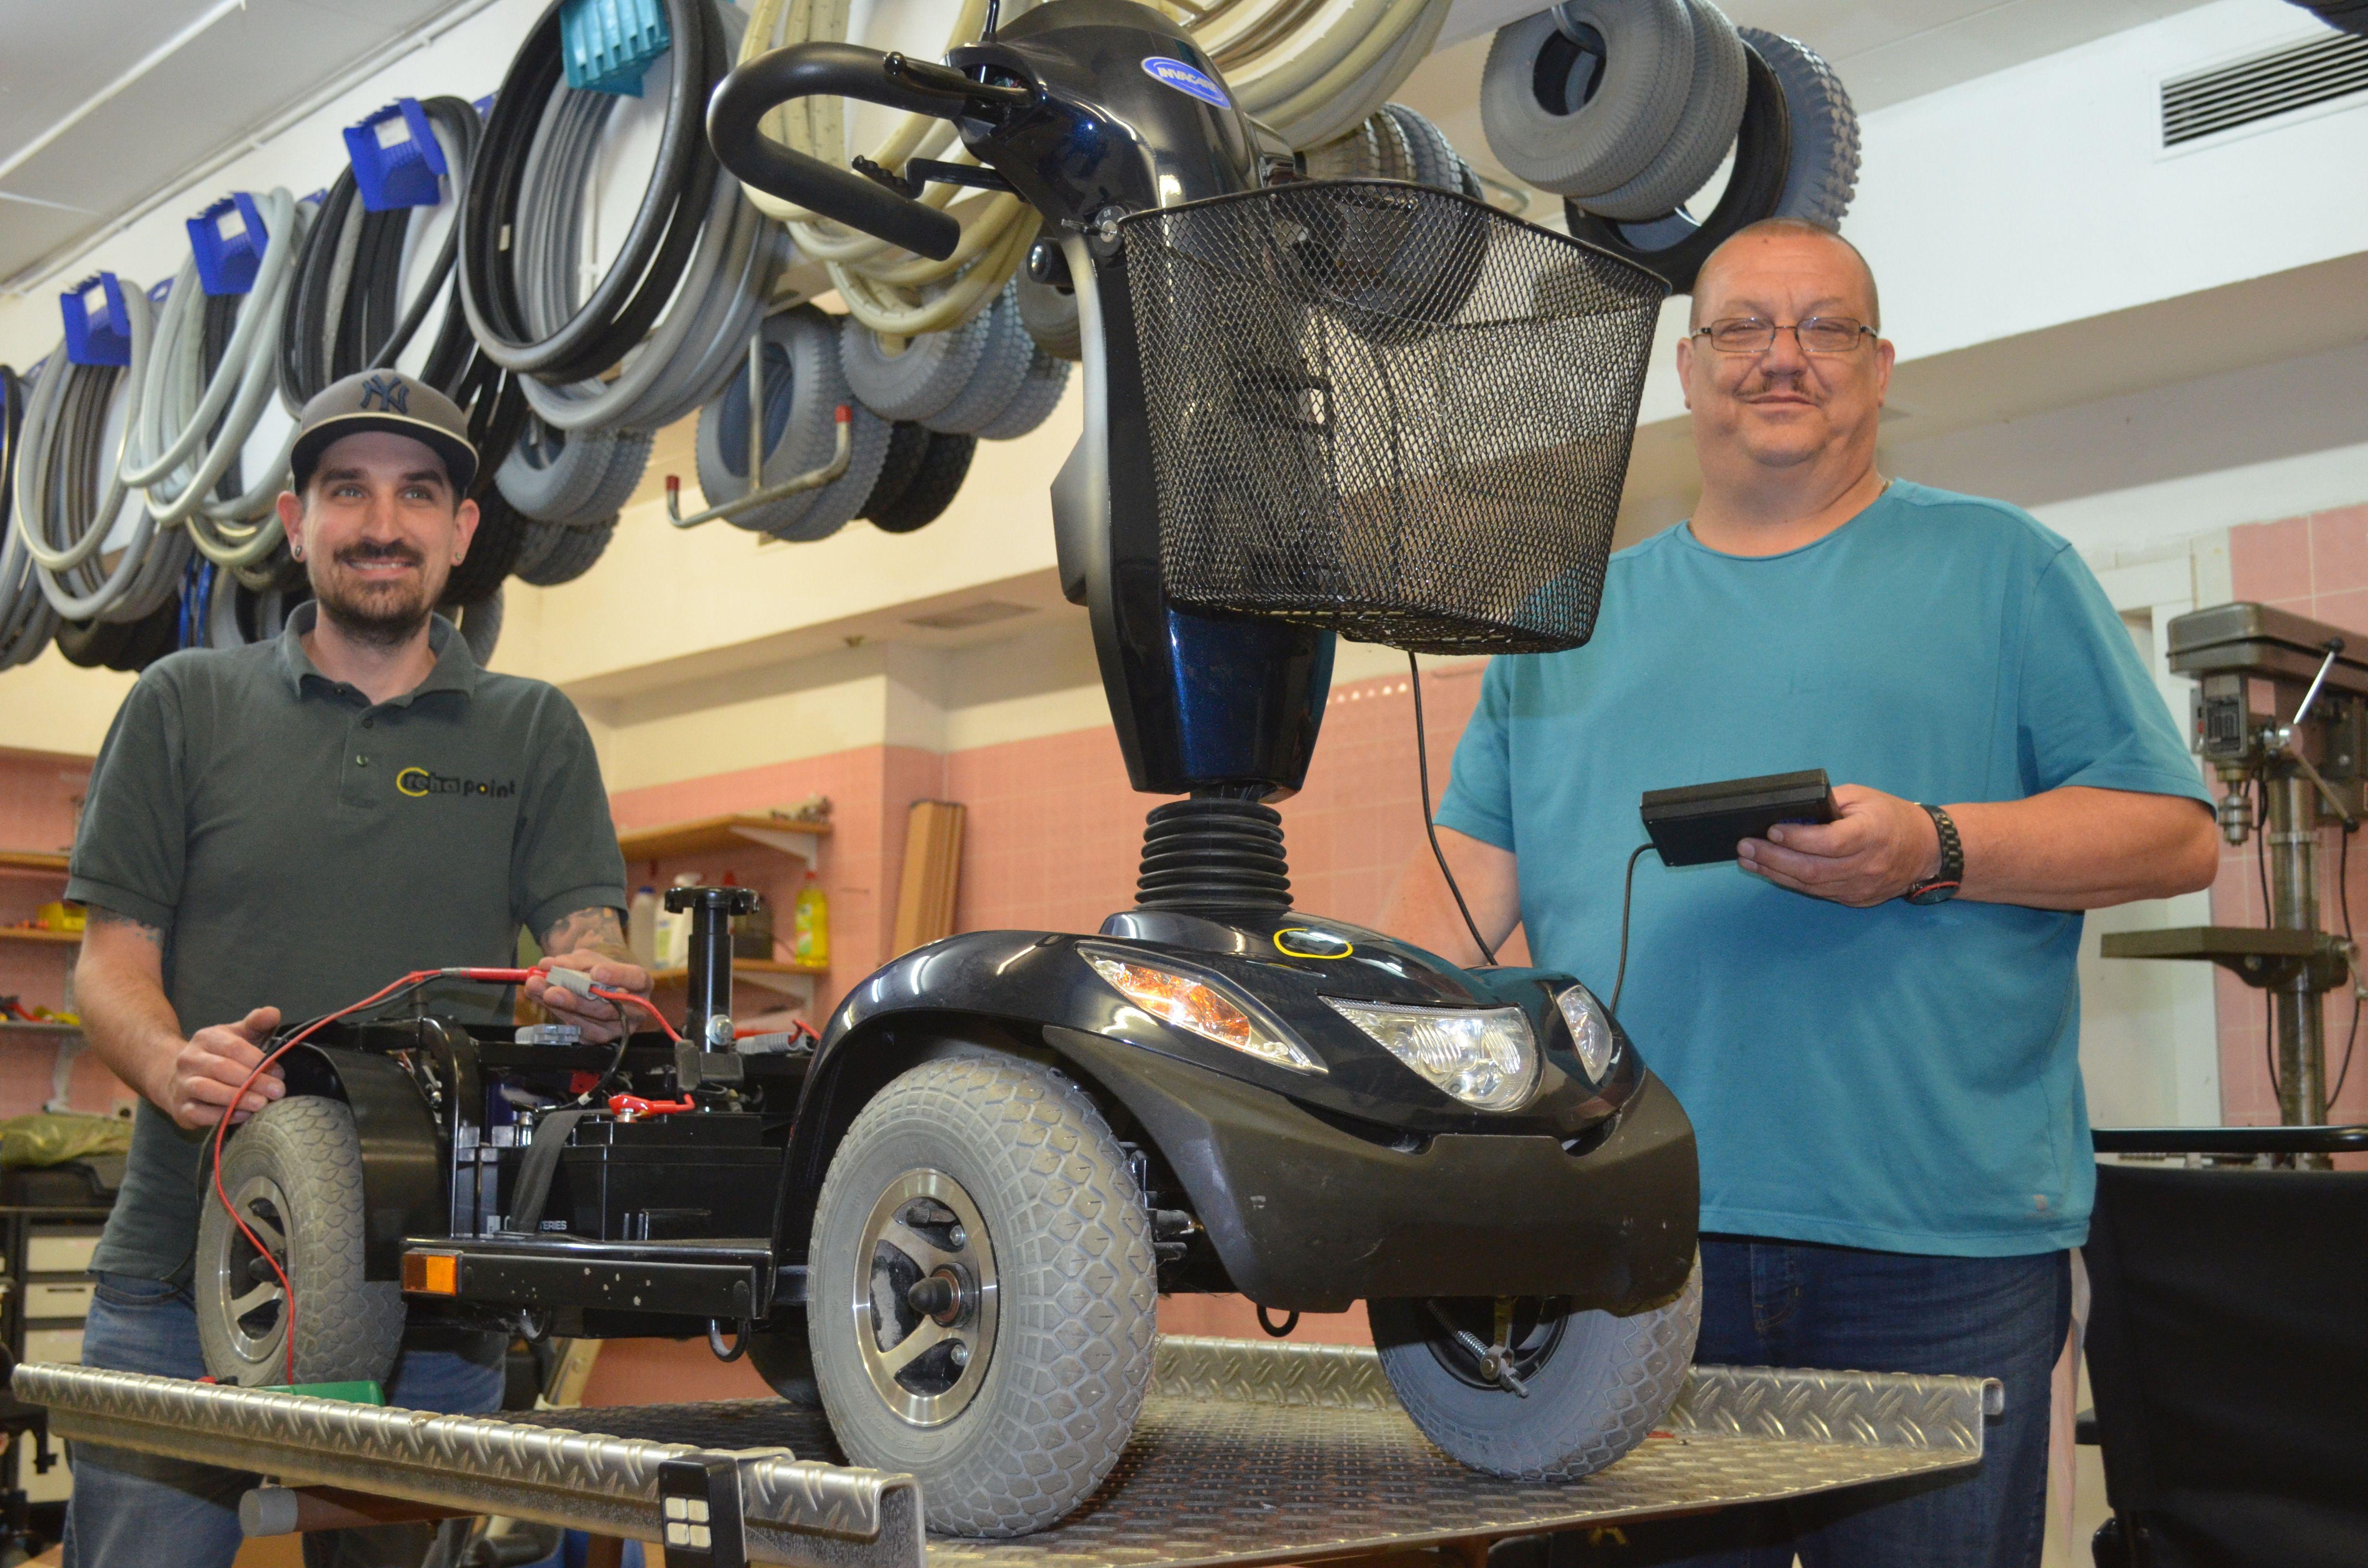 Blick in unsere Kreuznacher Elektro-Fachwerkstatt: Unsere Mechatronik-Profis Mathias Kablau (r.) und Christian Haass sorgen dafür, dass Sie mit Scooter, E-Rolli und Co. stets mobil bleiben.